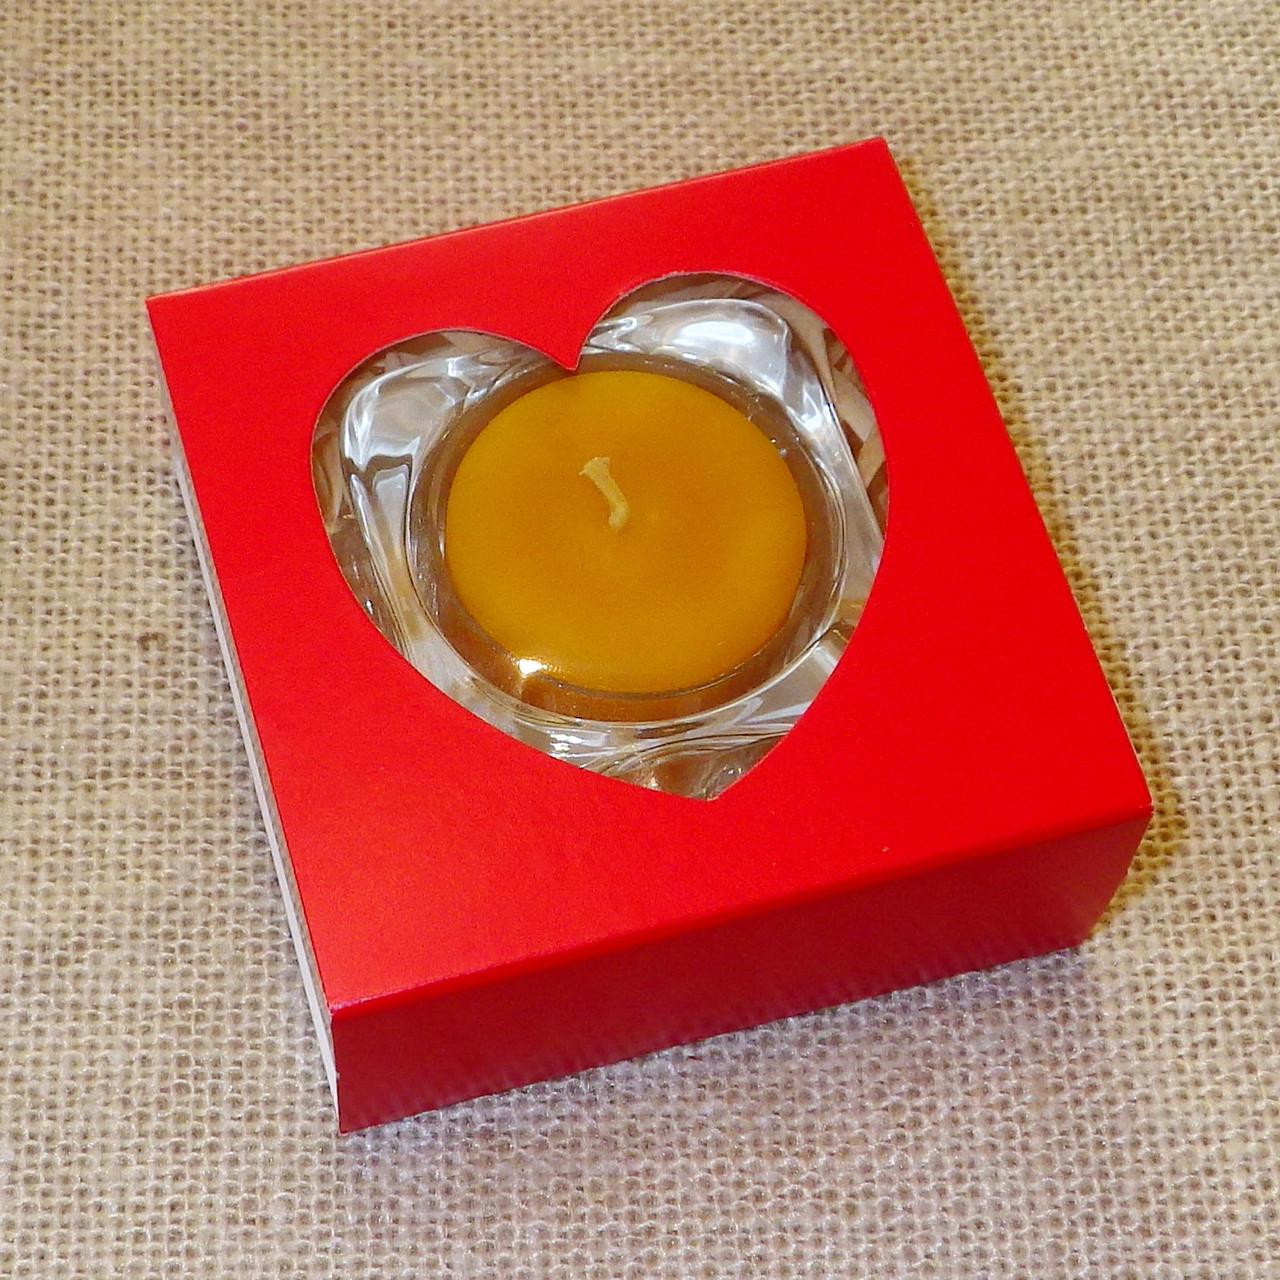 Набор стеклянного подсвечника в комплекте с прозрачной восковой чайной свечой 24г в коробке Красное Сердце